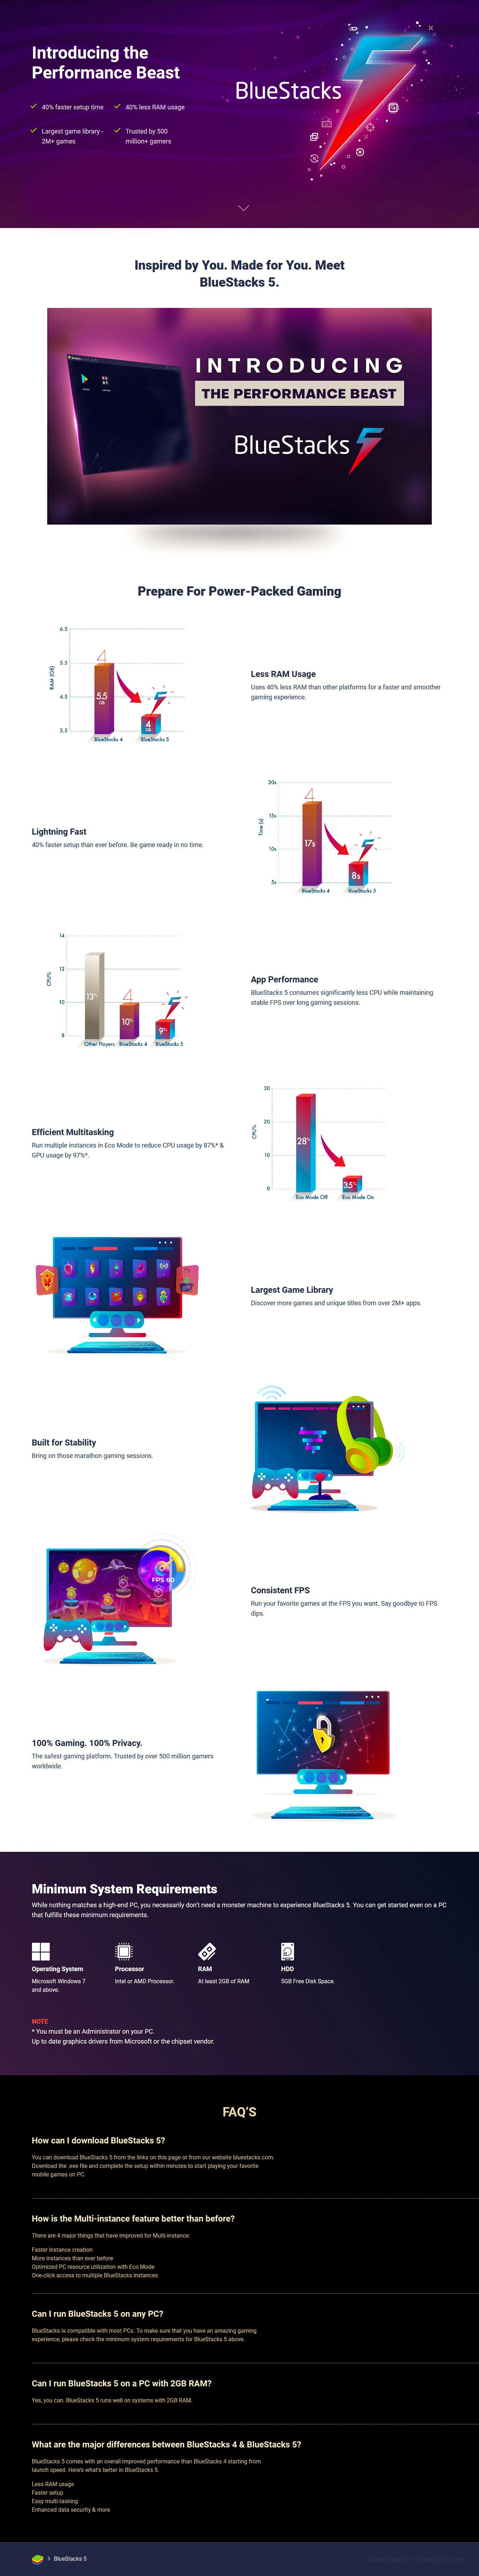 Infographic for BlueStacks 5